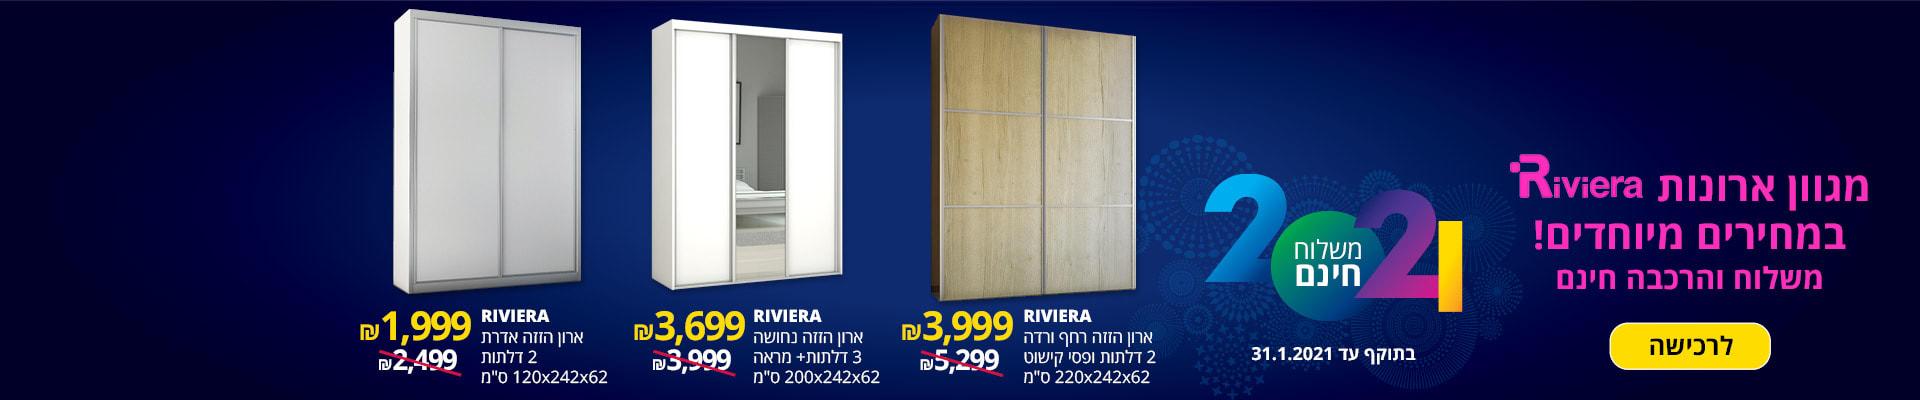 """ארונות RIVIERA במחירים מיוחדים! משלוח והרכבה חינם. הזזה רחף ורדה 2 דלתות ופסי קישוט 62X242X220 ס""""מ 3999 ₪, ארון הזזה נחושה 3 דלתות+מראה 62X242X200 ס""""מ 699 ₪, ארון הזזה אדרת 2 דלתות 62X242X120 ס""""מ 1999 ס""""מ. בתוקף עד 31.1.2021"""